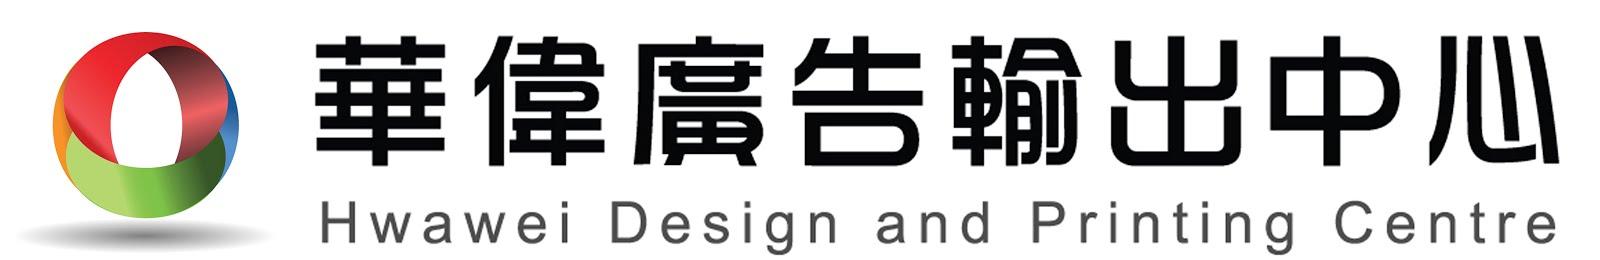 華偉廣告設計印刷(原路竹金玉堂-印刷便利屋)